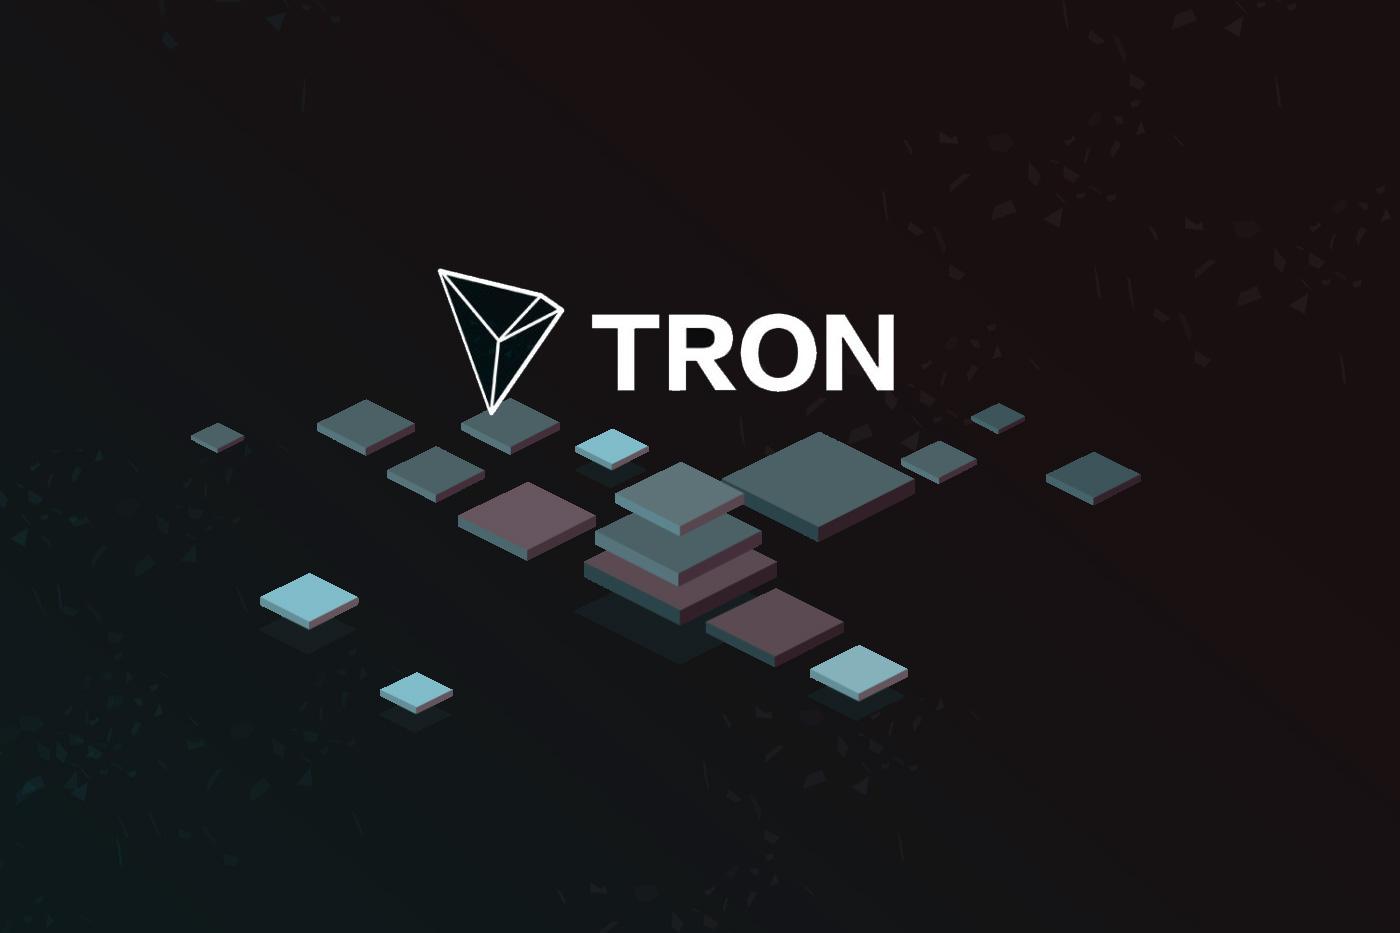 トロン 仮想 通貨 仮想通貨トロンTRONの買い方と取引所。チャートが上げ今後も高騰?